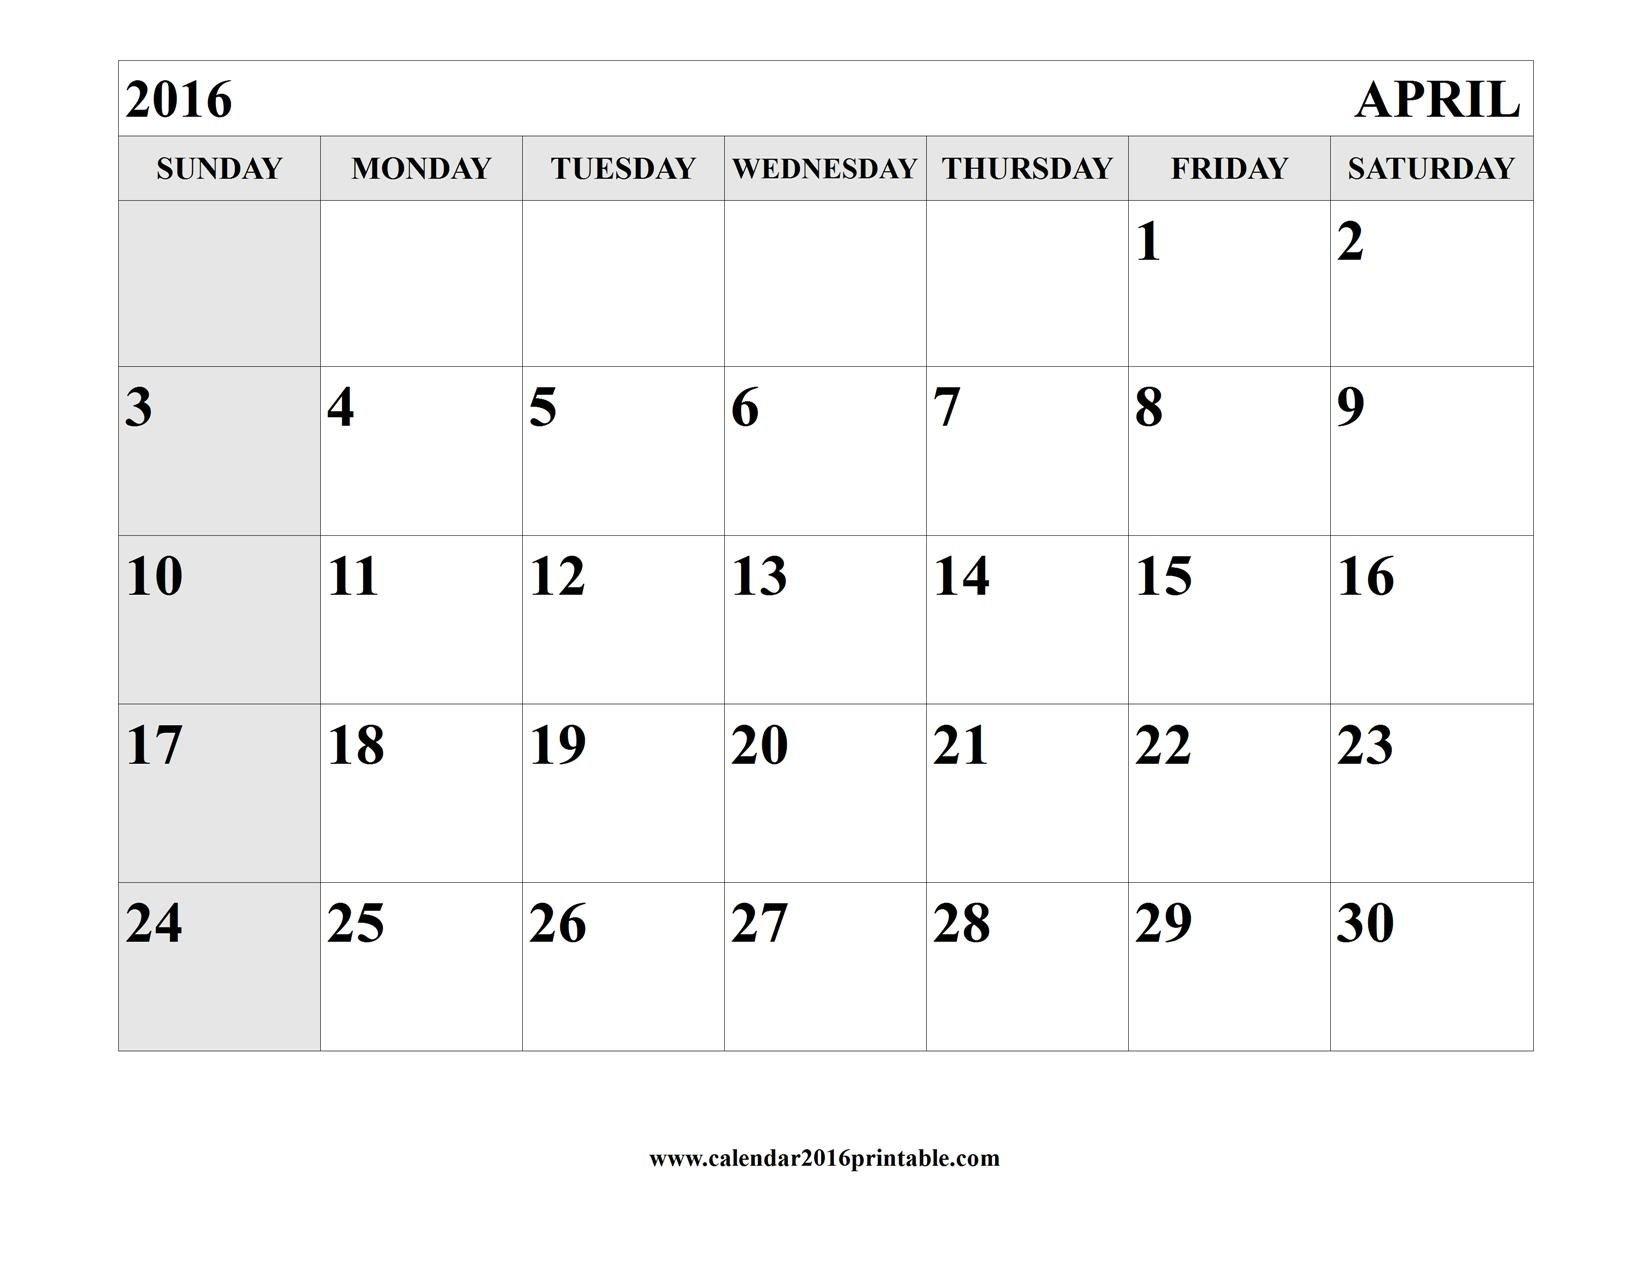 April 2016 Calendar Printable Template | Calendar Template Calendars You Can Edit And Print